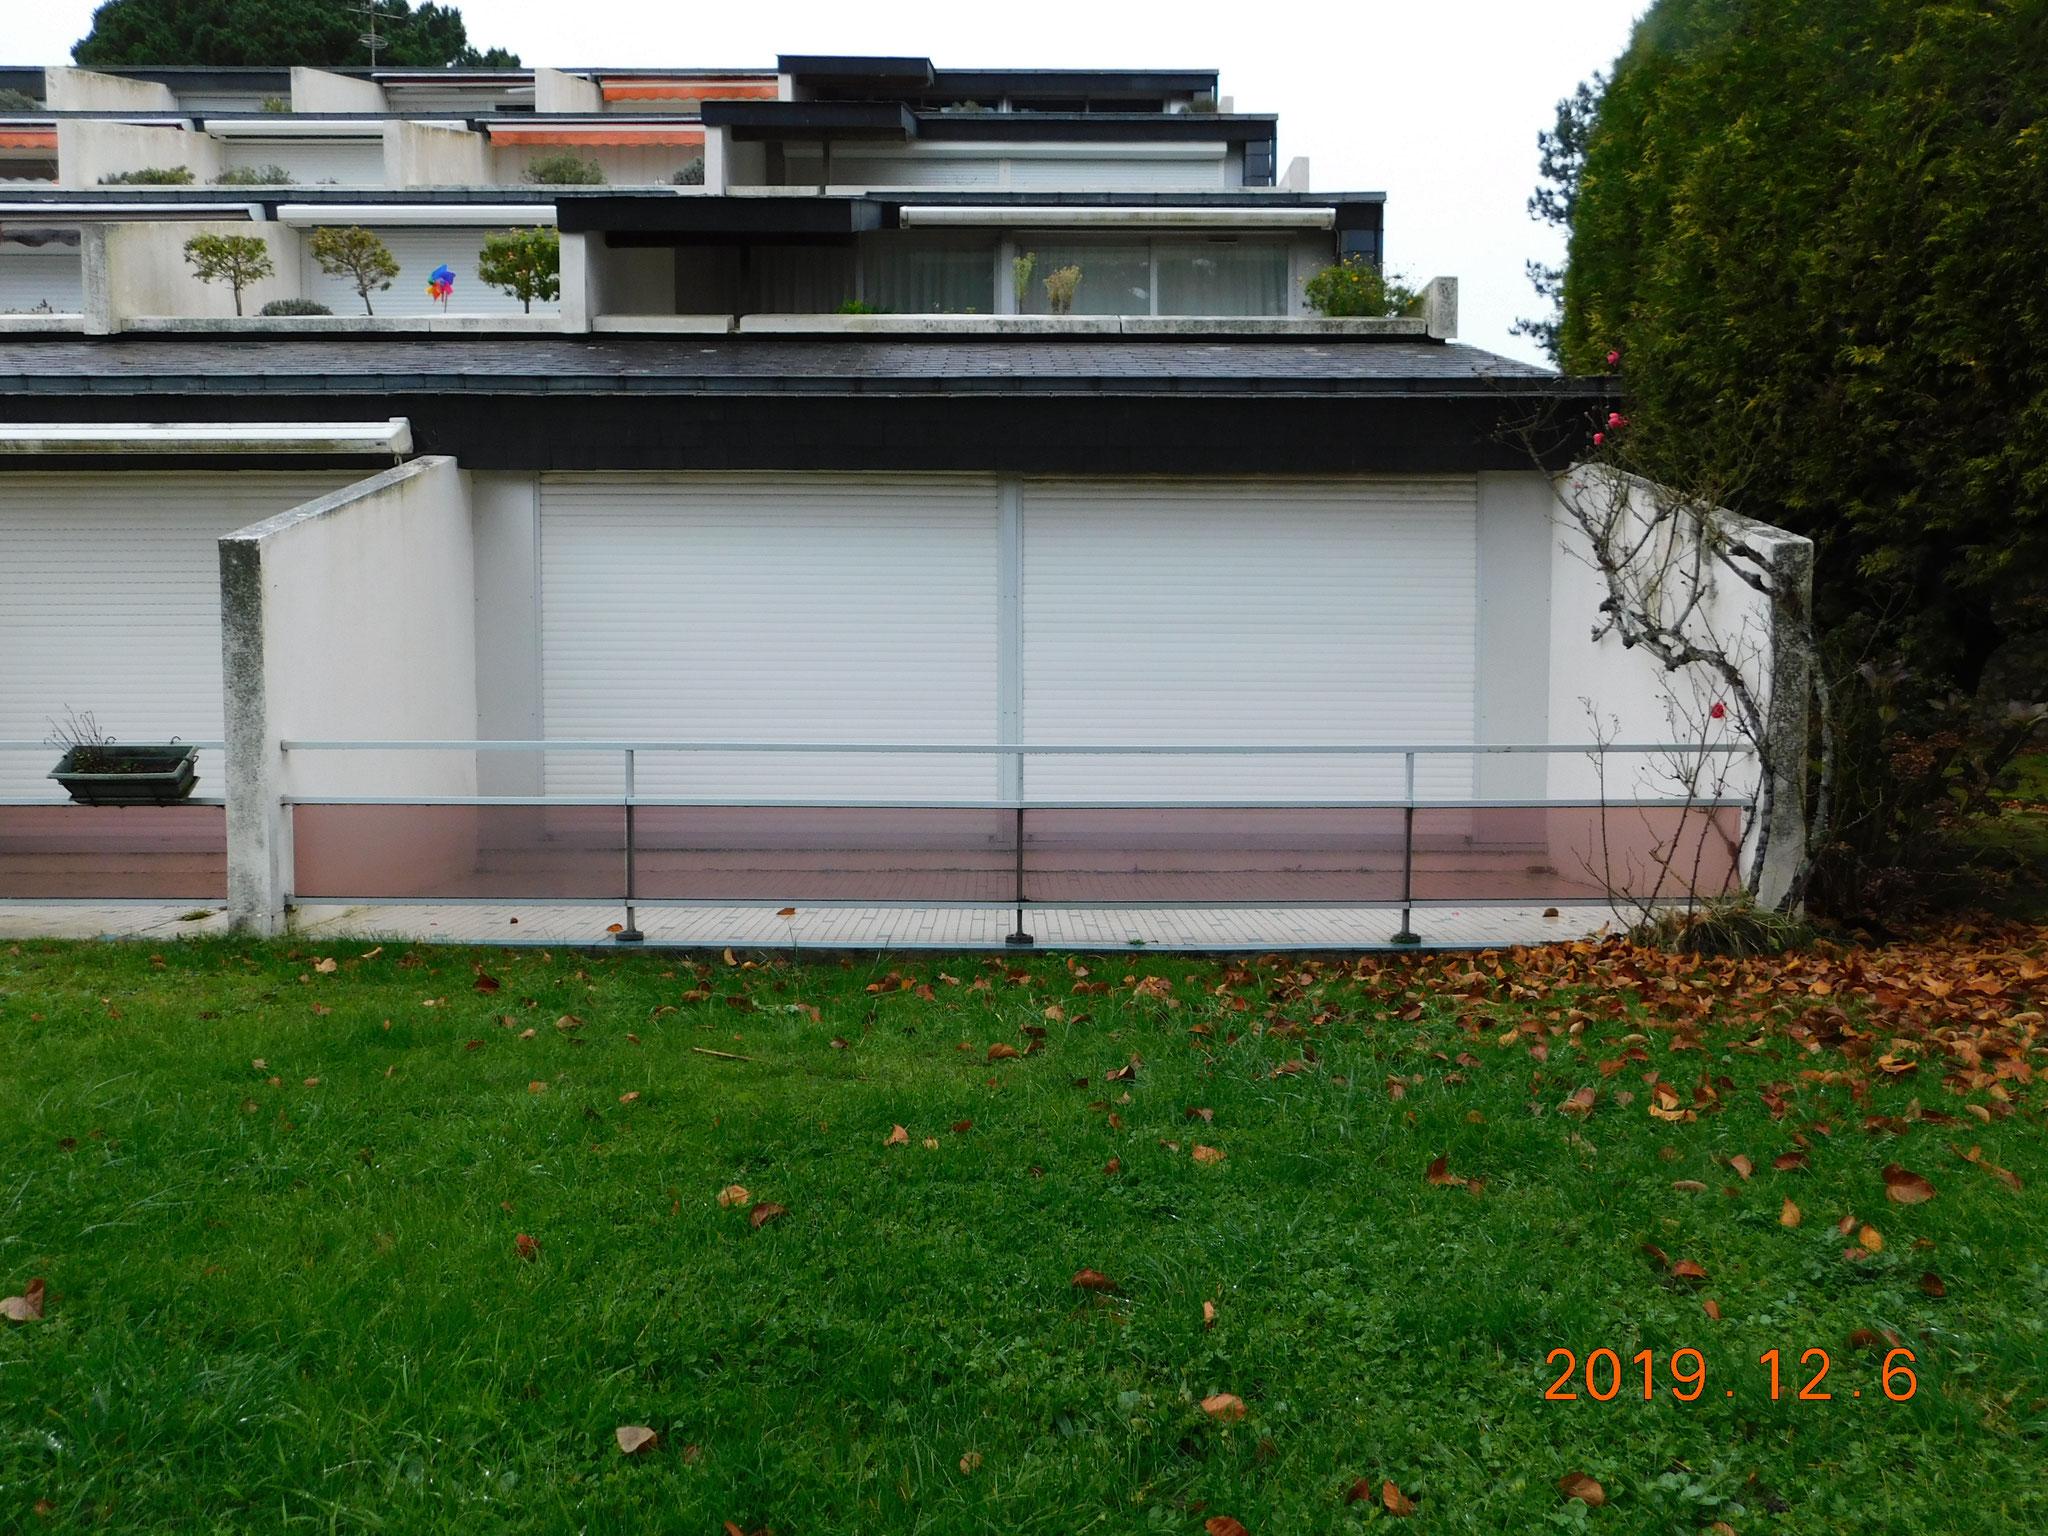 Immeuble d'appartements (la Trinité sur Mer) : expertise sur balcons